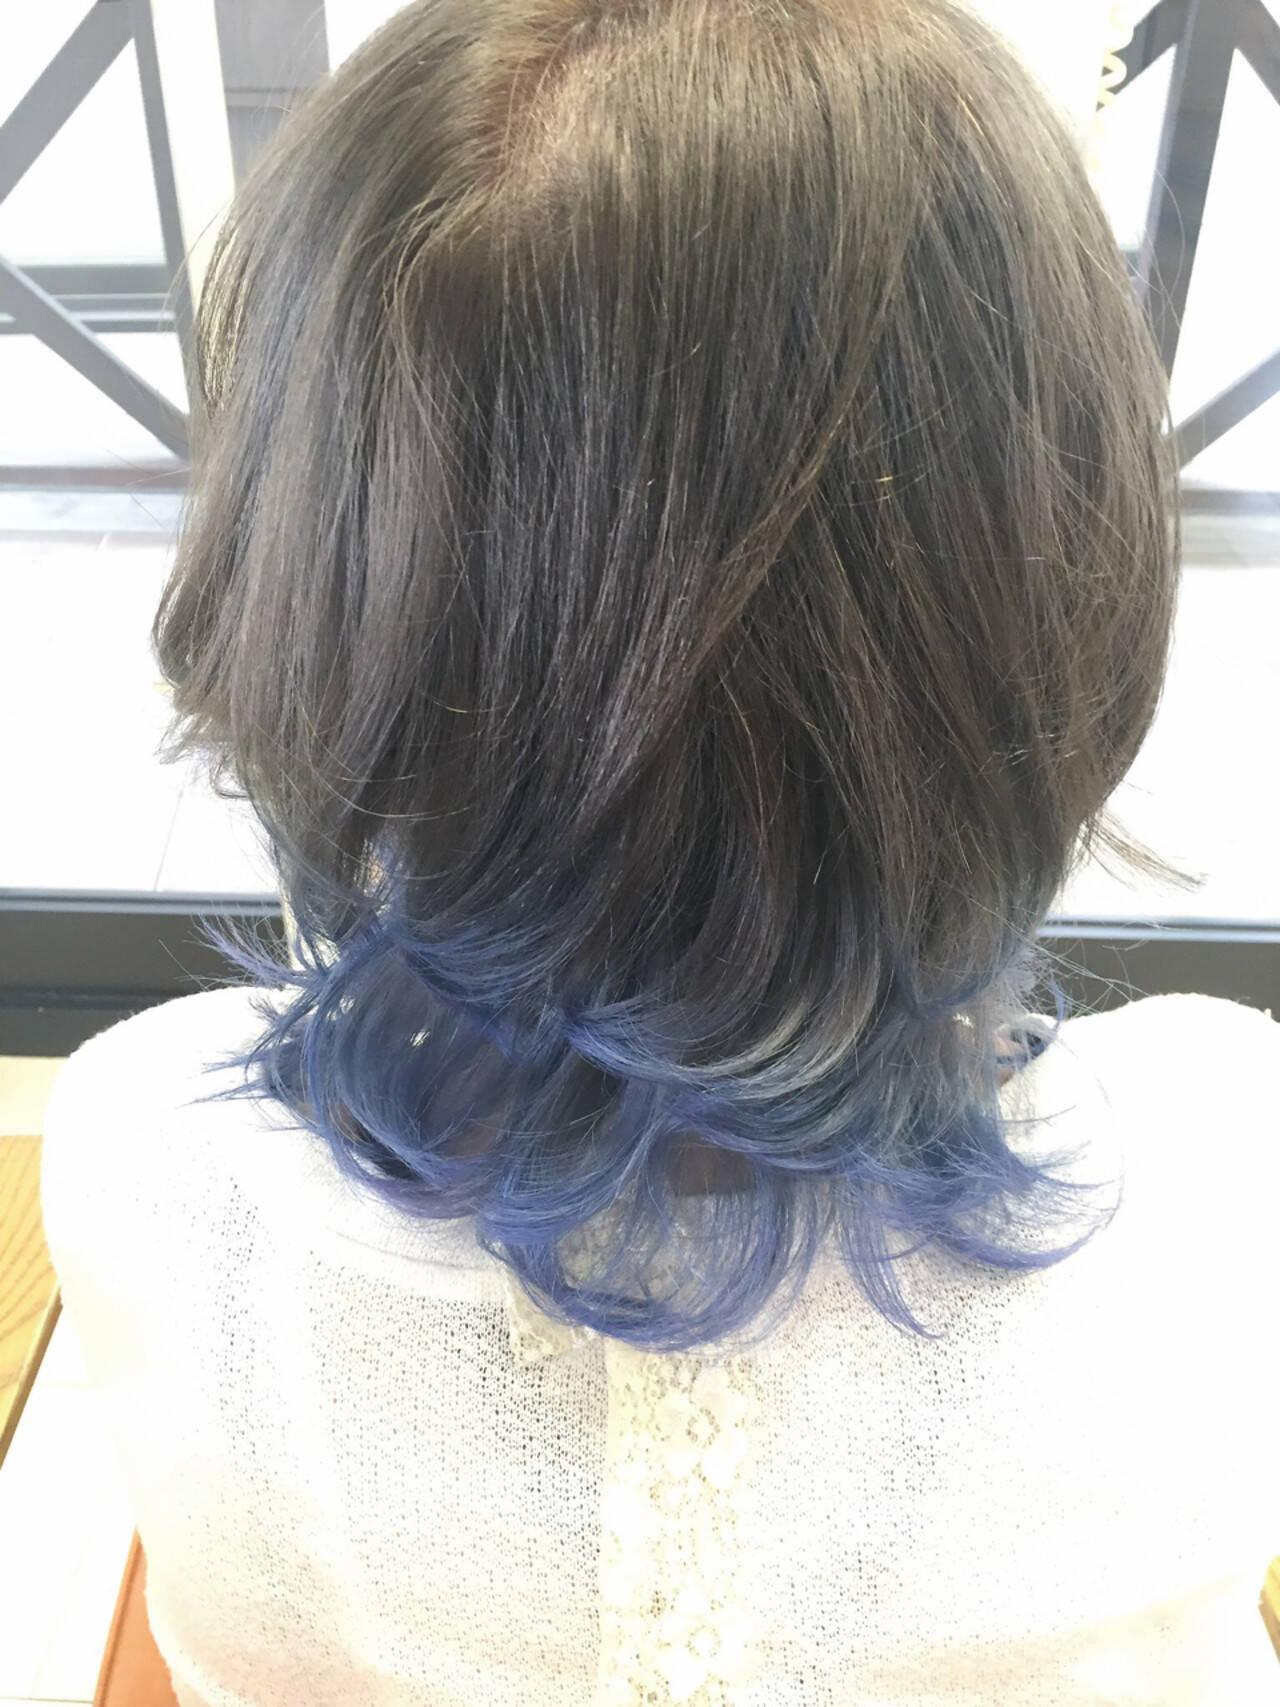 ブルーアッシュ イルミナカラー セミロング グラデーションカラーヘアスタイルや髪型の写真・画像